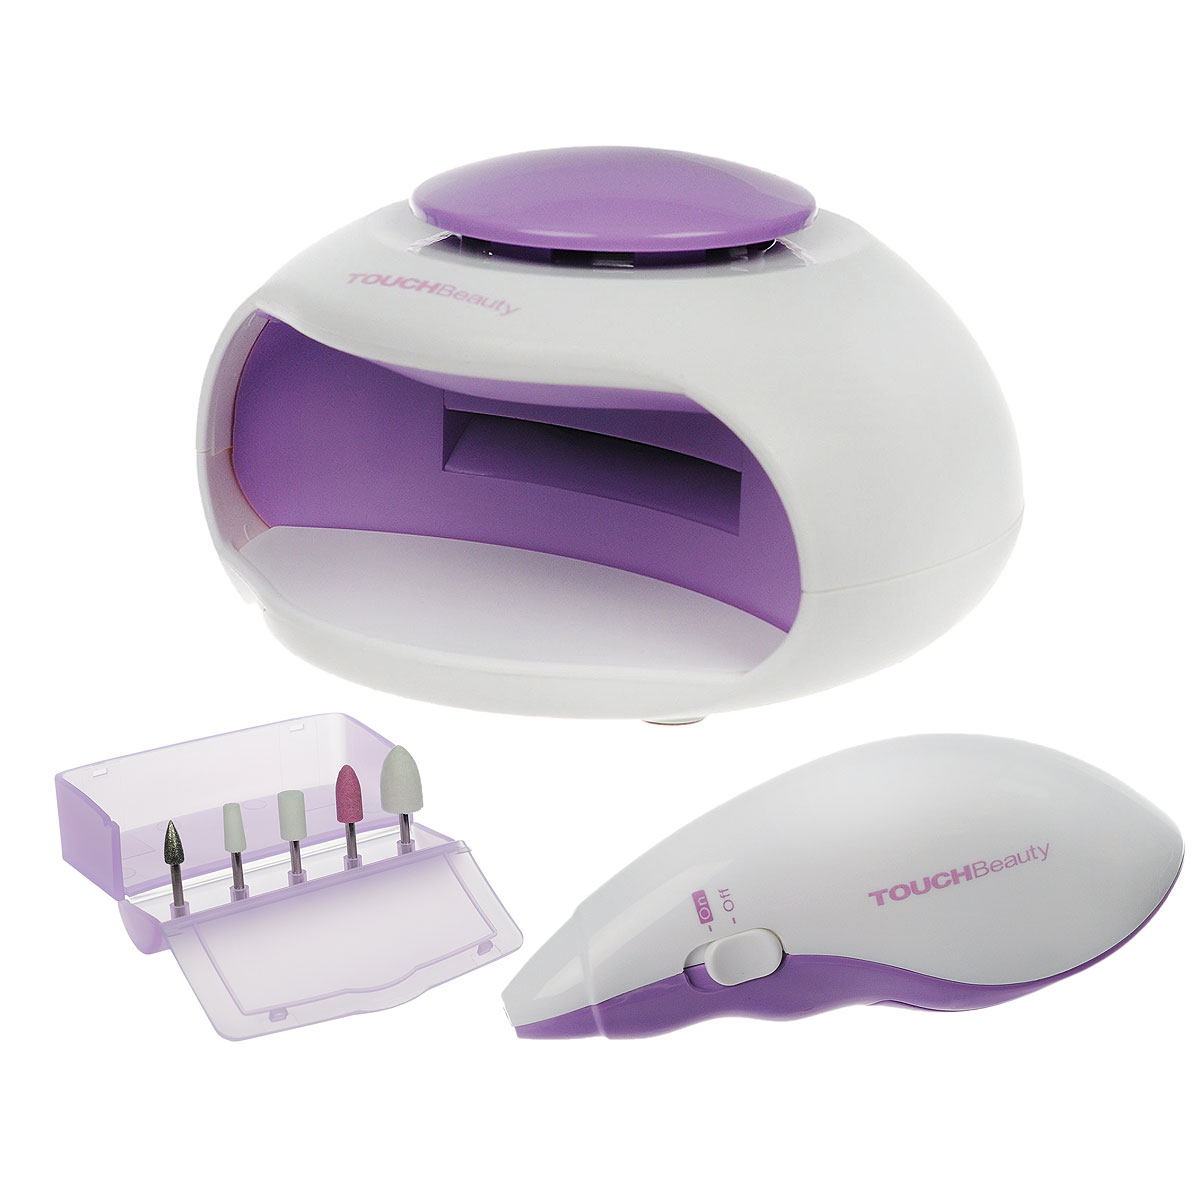 """Touchbeauty Маникюрный набор 2в1 Nail Beauty Kit, цвет: сиреневый. AS-1002PHE 5642 weis-silber + EZS 5663 wessУниверсальный маникюрно-педикюрный набор 2в1 """"Nail Beauty Kit"""" - для заботливого ухода за ногтями. В комплекте: электроприбор для профессионального маникюра, 5 насадок, УФ-электросушка для быстрого высыхания лака, футляр для хранения насадок. Прибор для маникюра используется для ухода за ногтями - формирования, полировки. Электрическая сушилка для ногтей предназначена для финальной сушки лака. Насадки: Насадка для кутикулы - формирует край ногтя и устраняет кутикулу; Насадка для формирования - полирует поверхность или тонкий передний край акрилового или натурального ногтя; Карборундовая насадка - измельчает акриловый ноготь для обеих сторон и по задней кромке; Конусная насадка - для полировки заднего края акрилового ногтя, чтобы получить гладкую поверхность на стыке с натуральным ногтем; Войлочная насадка - полировка поверхности для получения блеска. Прибор работает от 2 батареек типа ААА, Уф-электросушка - от 3 батареек типа ААА (в комплект не входят). Товар сертифицирован."""